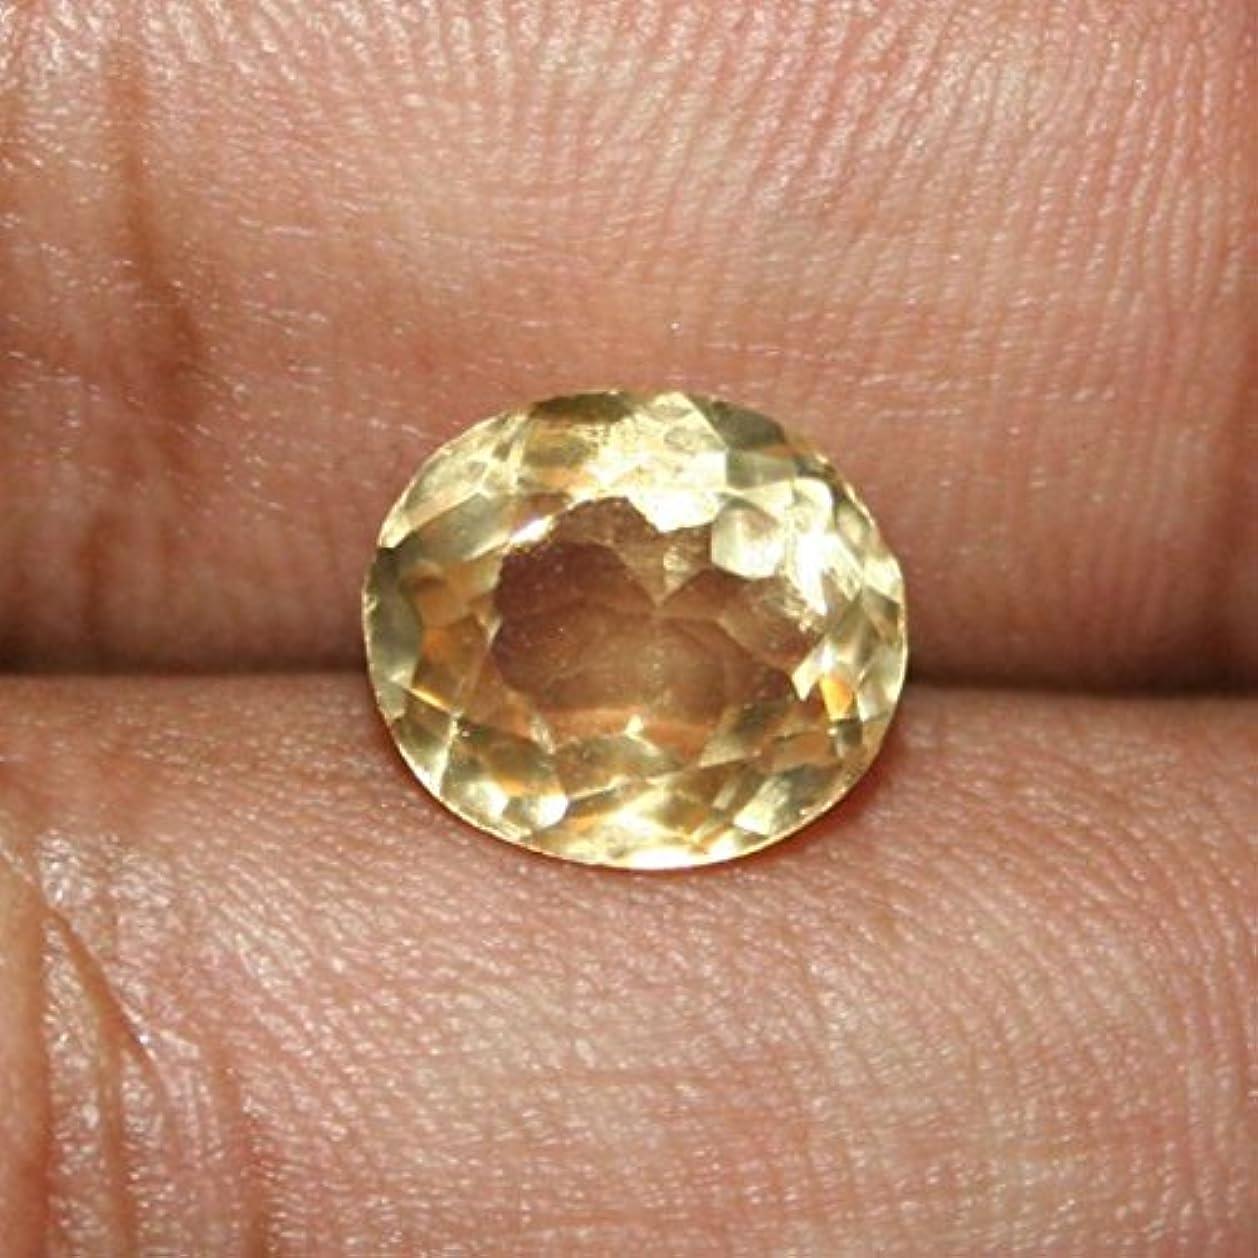 膨張する理解密シトリン原石Certified Natural sunelaストーン8.8カラットby gemselect